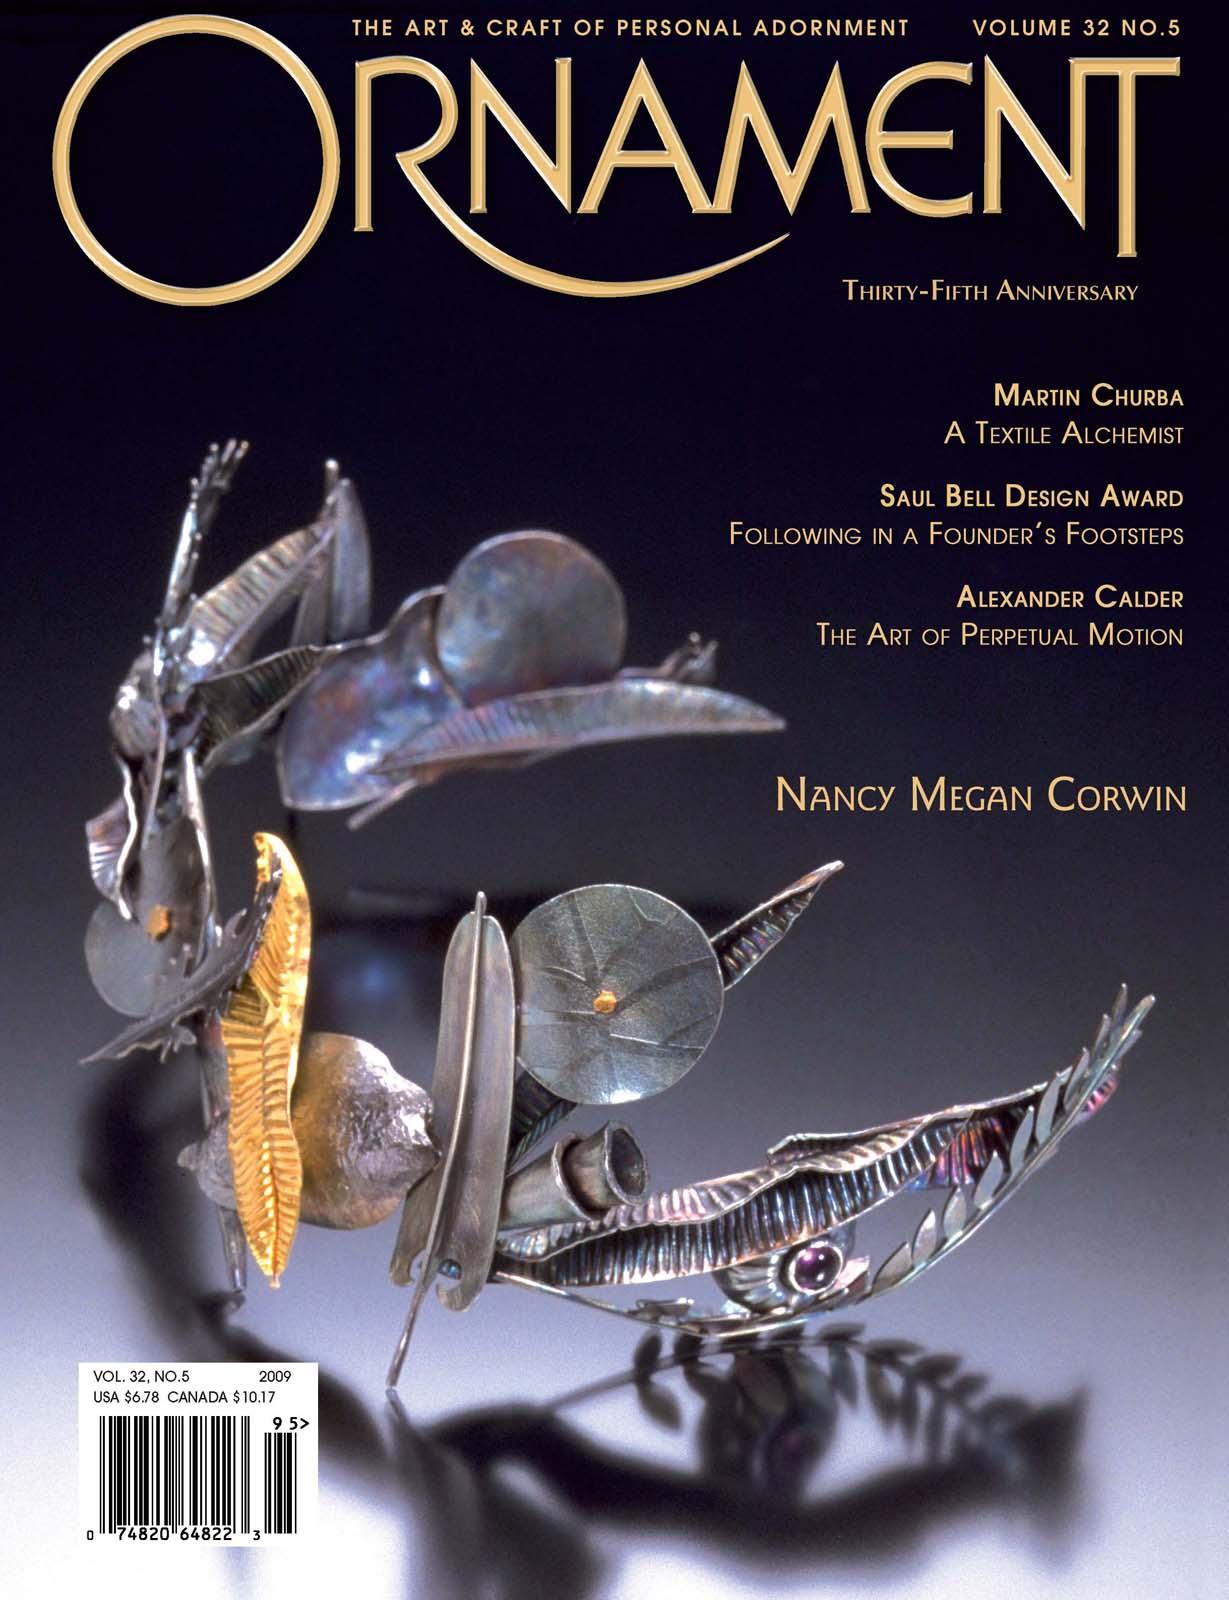 Orn32_5_Cover.jpg